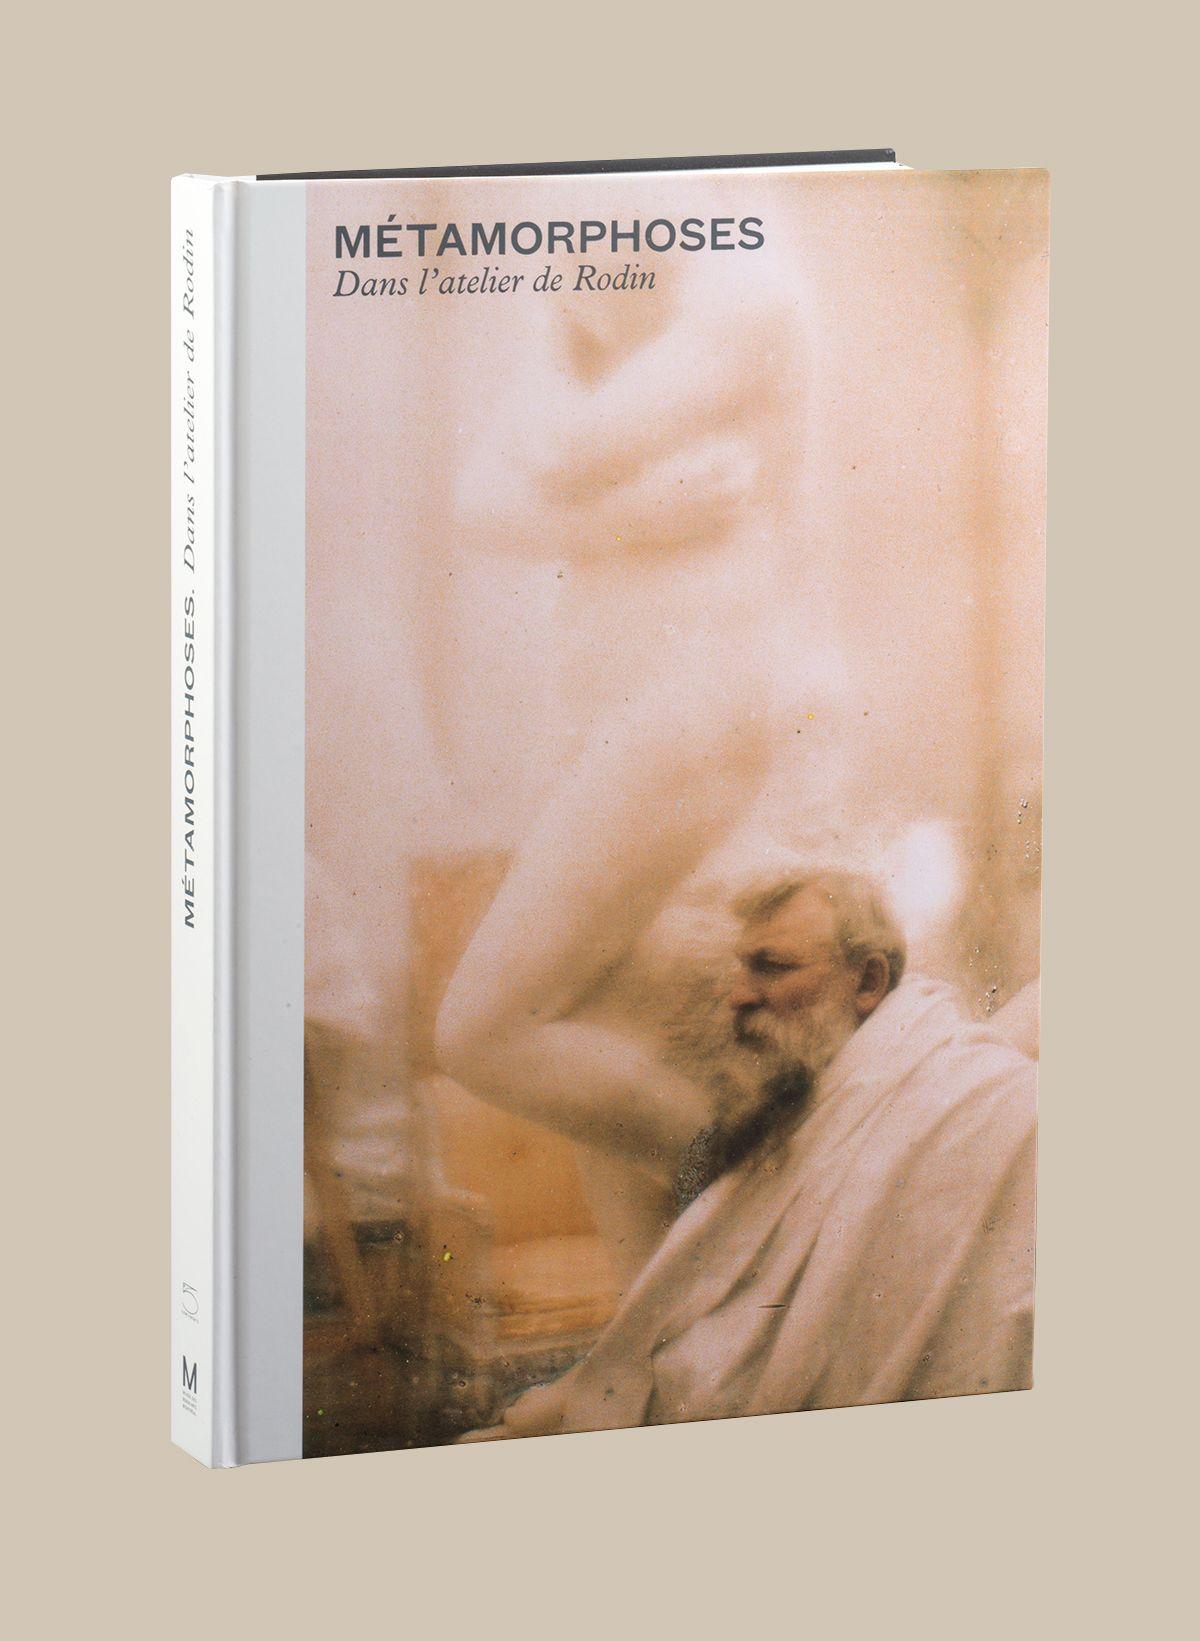 Métamorphose - Rodin - Publication